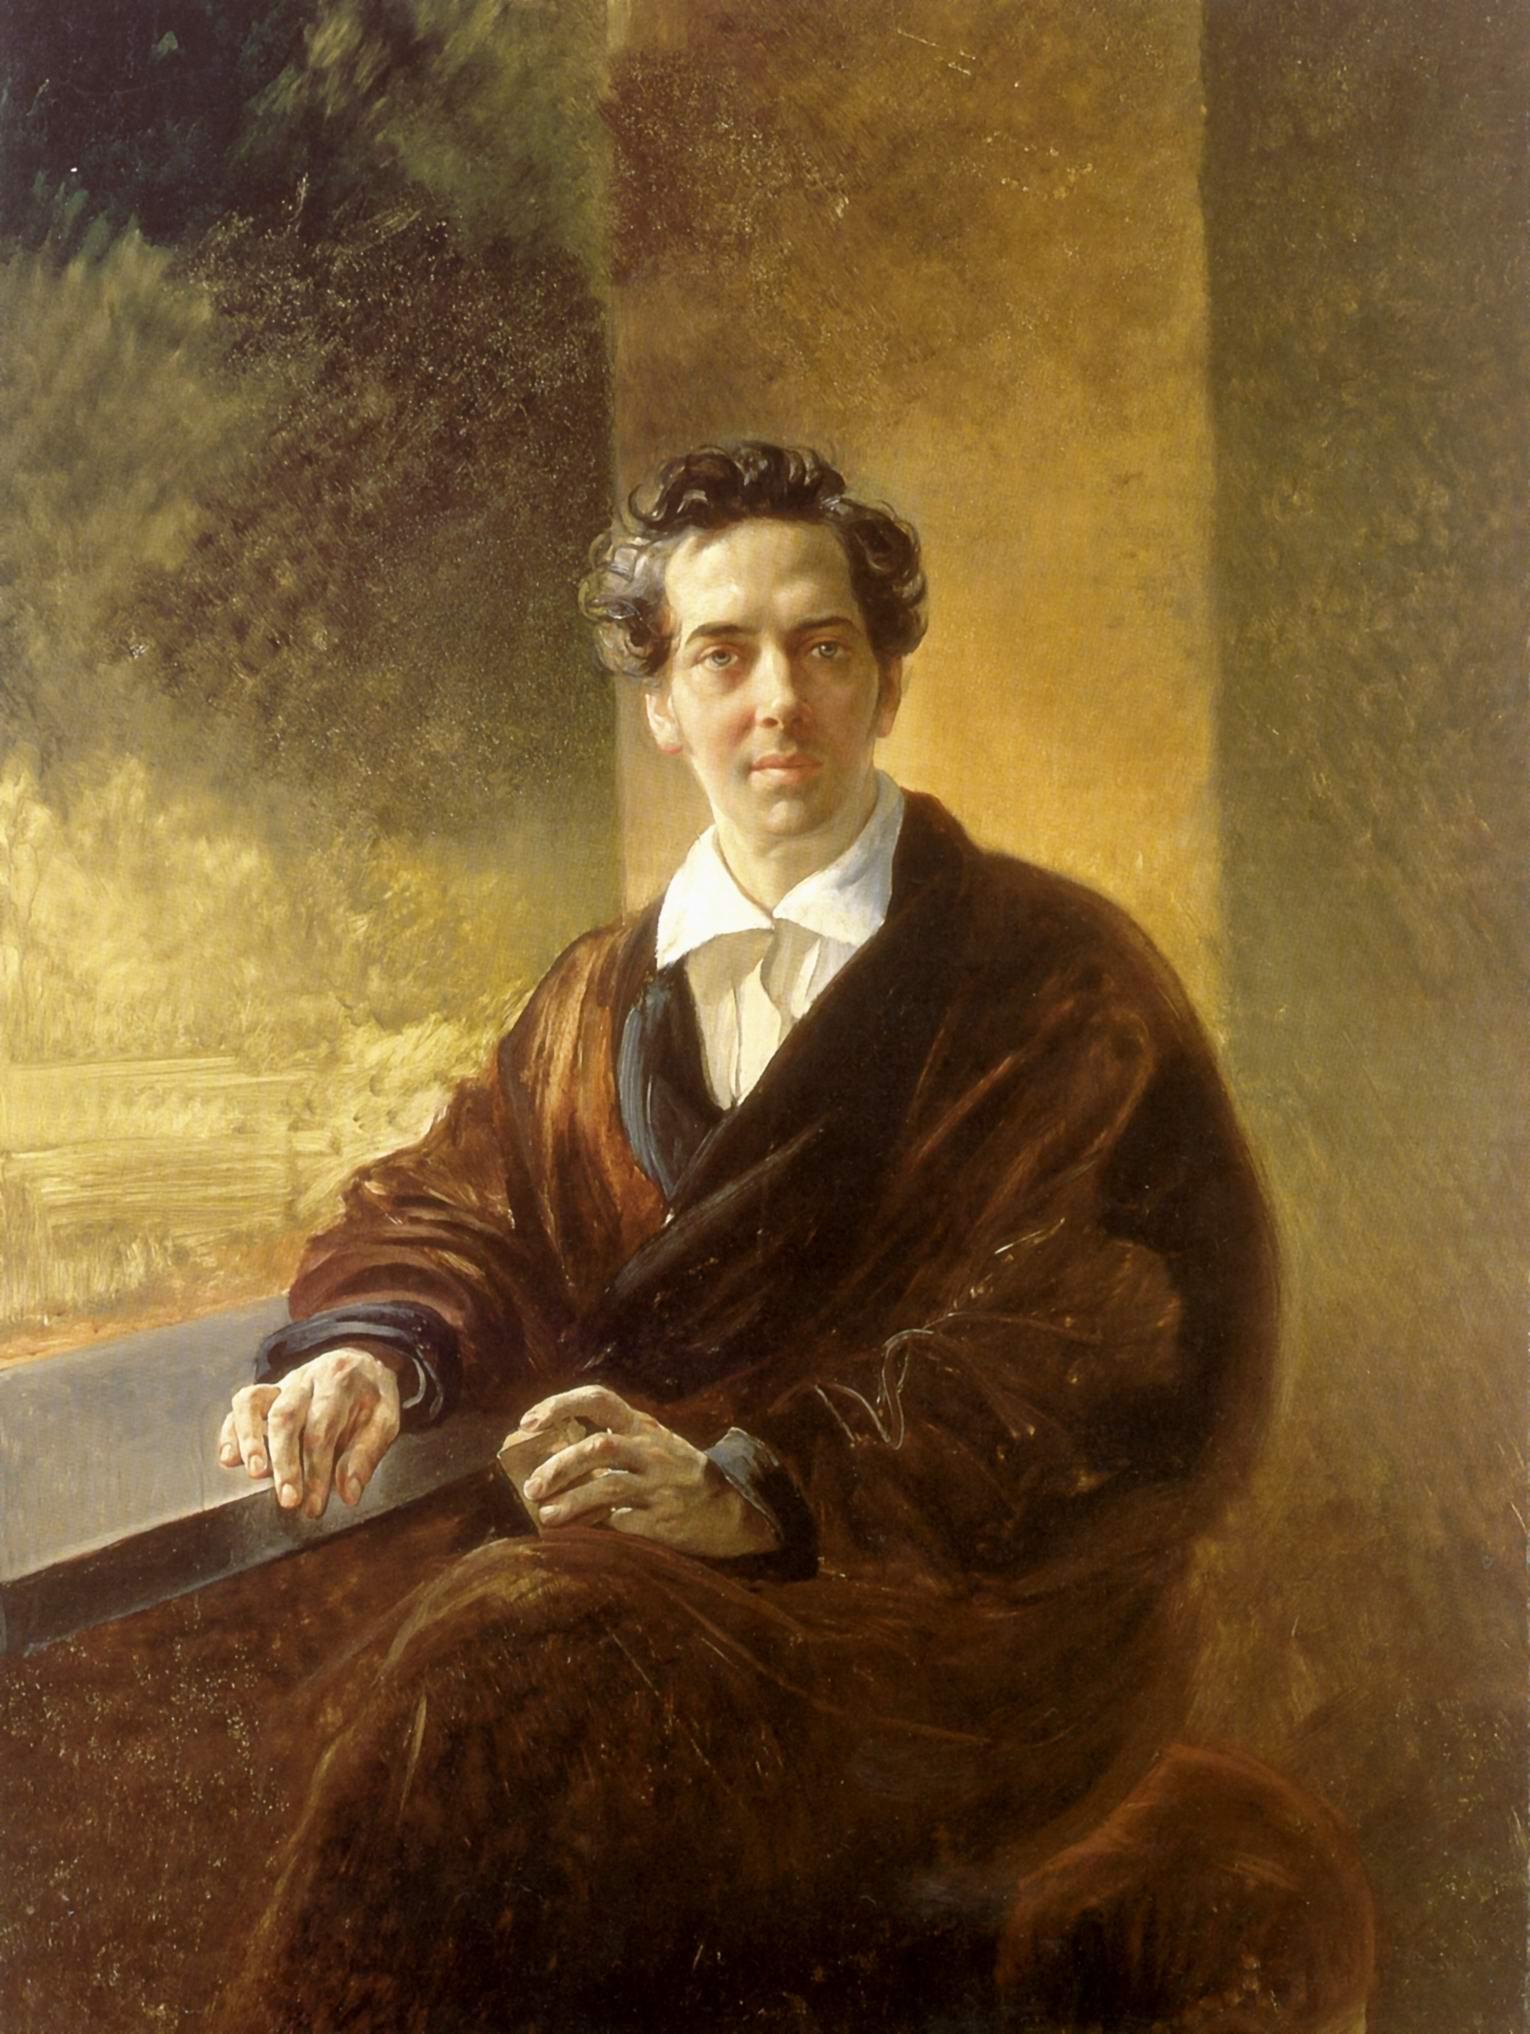 Портрет графа Перовского - писателя Антония Погорельского, Брюллов Карл Павлович